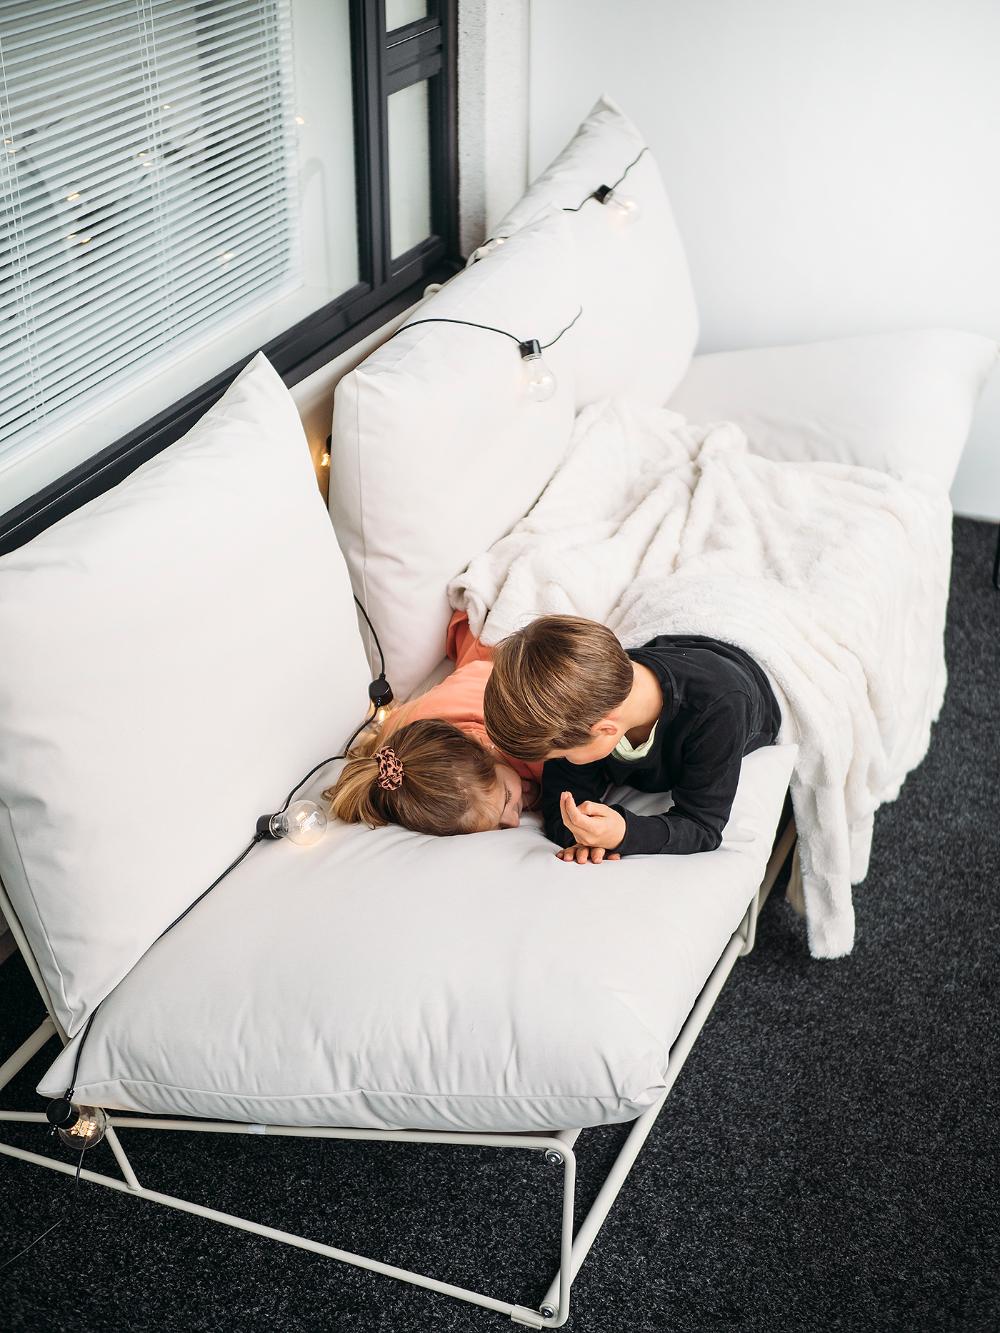 Viikonloppu kotona + uusi sohva - Magicpoks